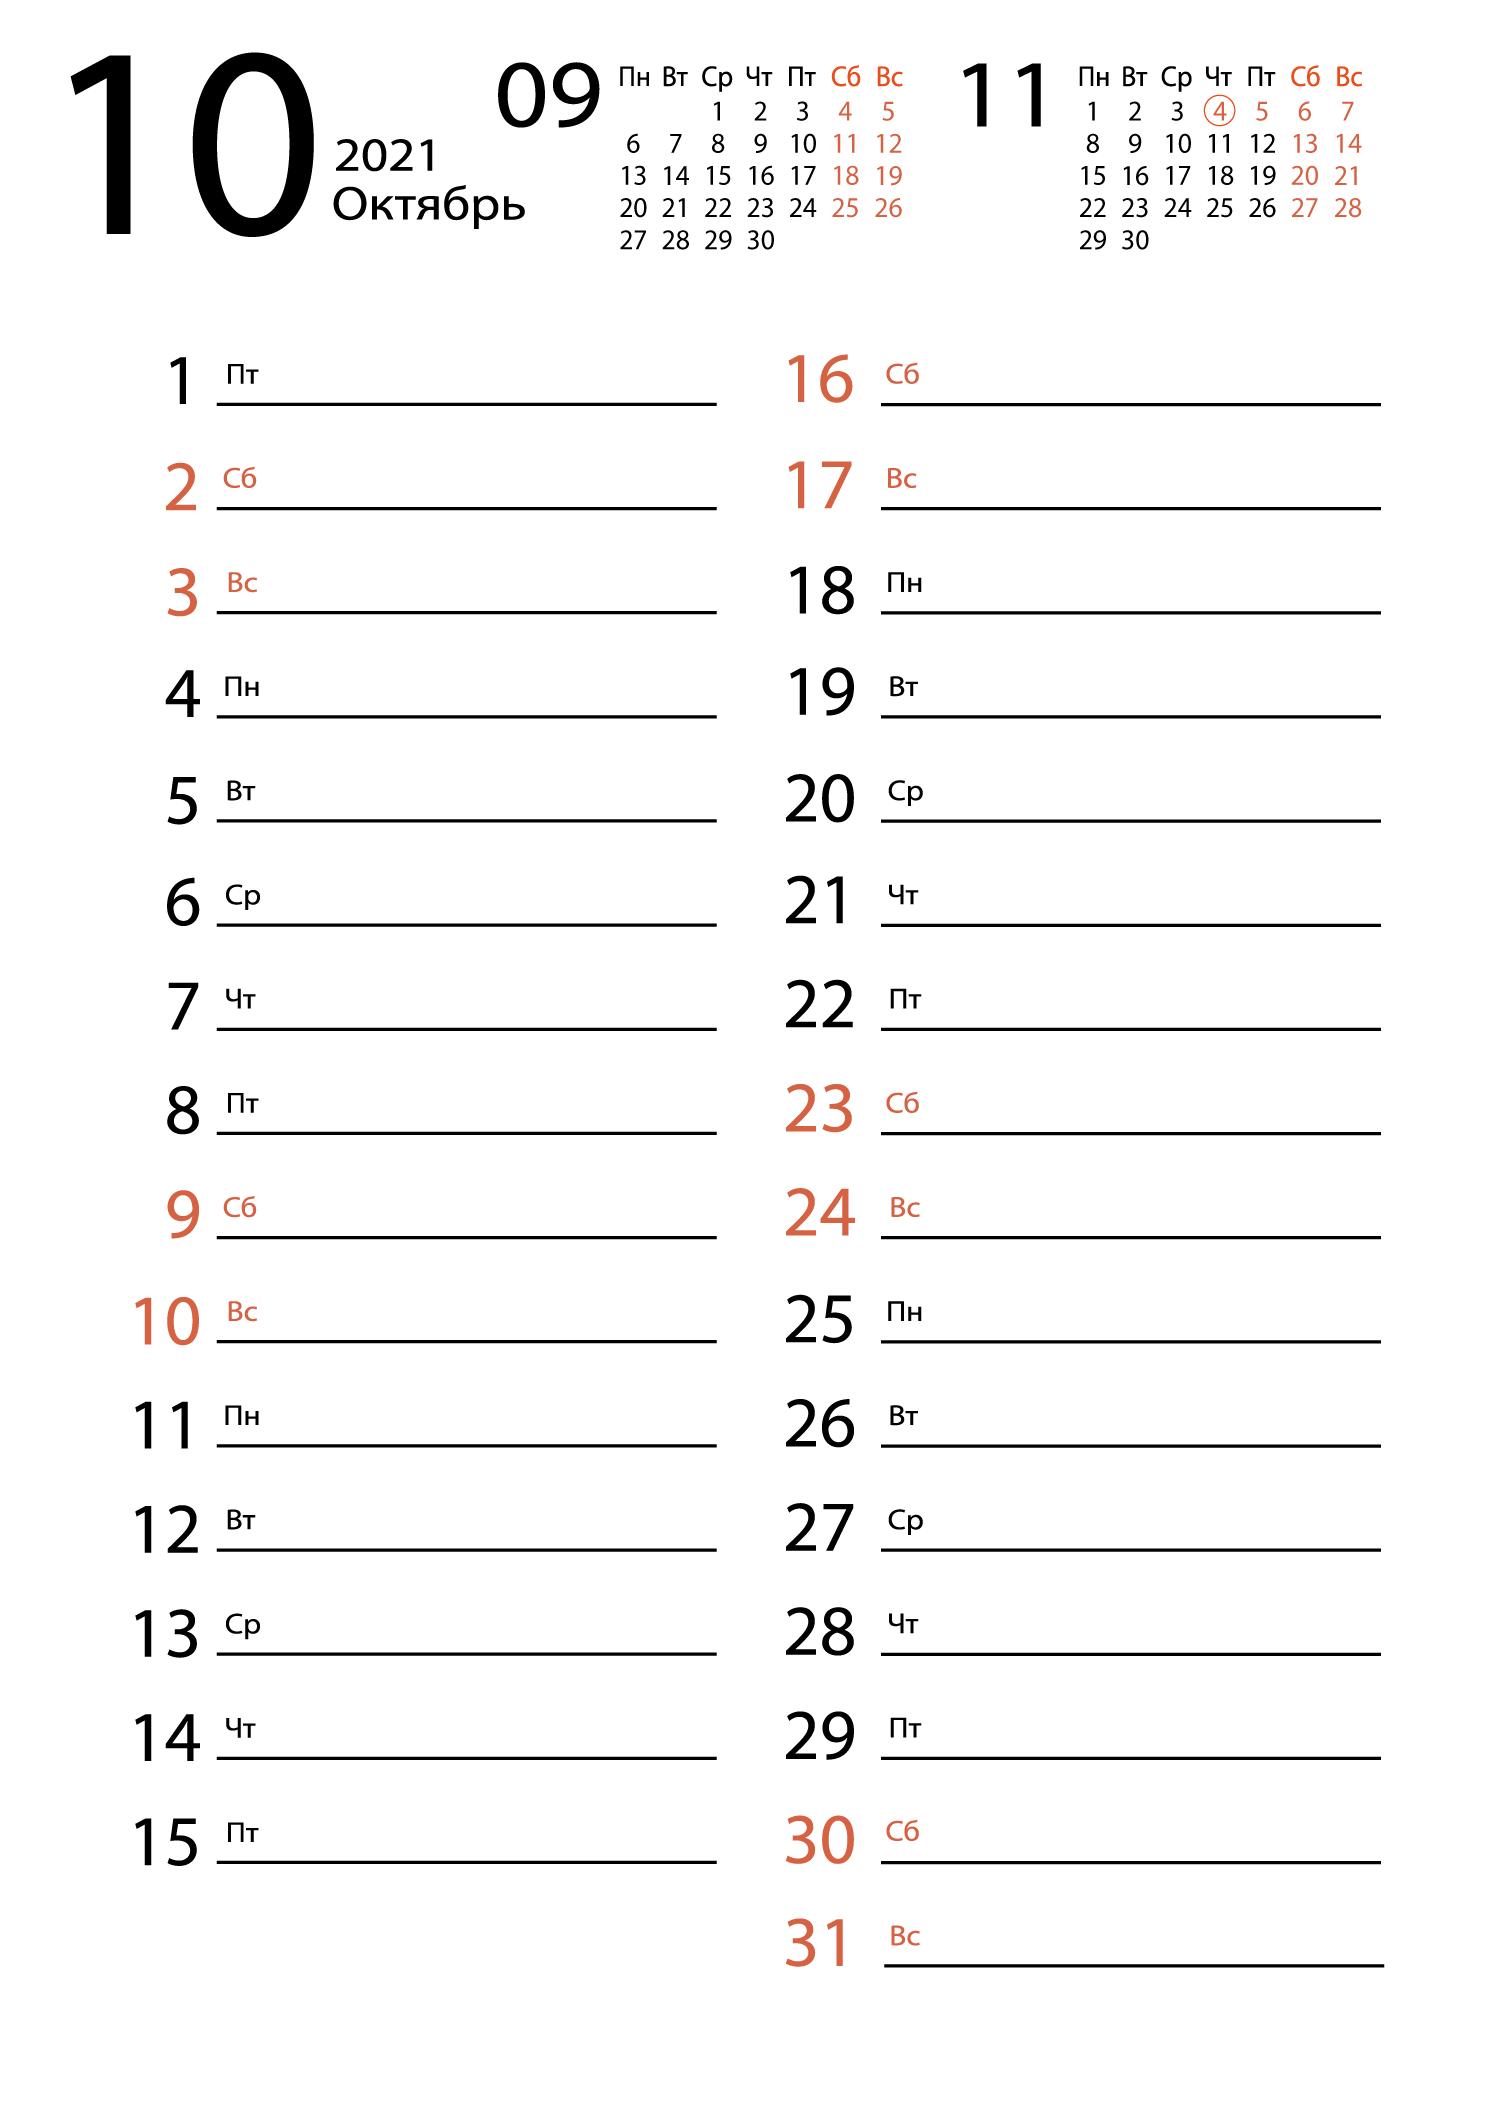 Календарь на октябрь 2021 (для заметок)